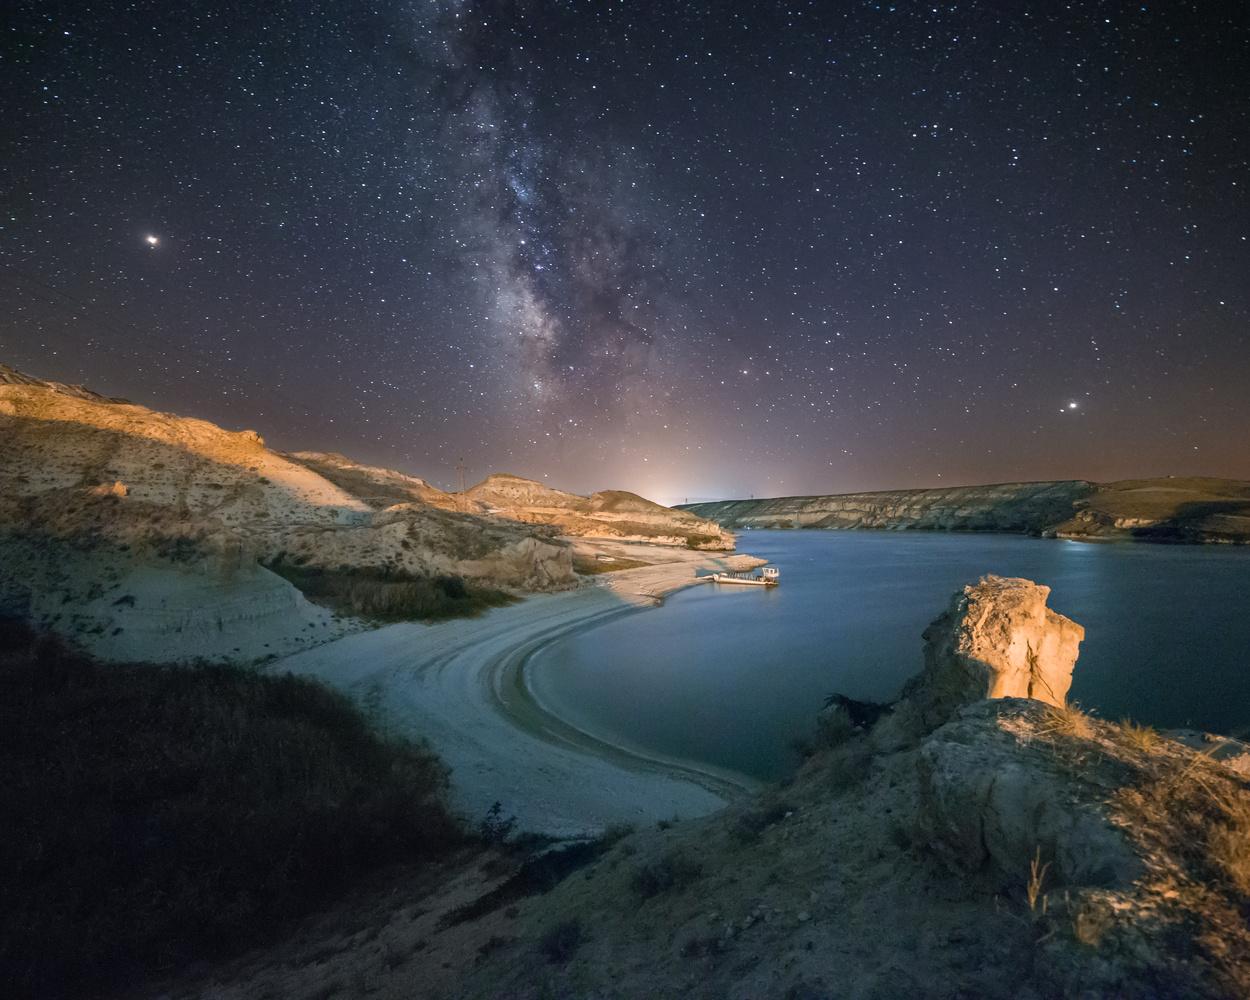 A starry night by Emre KARABULUT